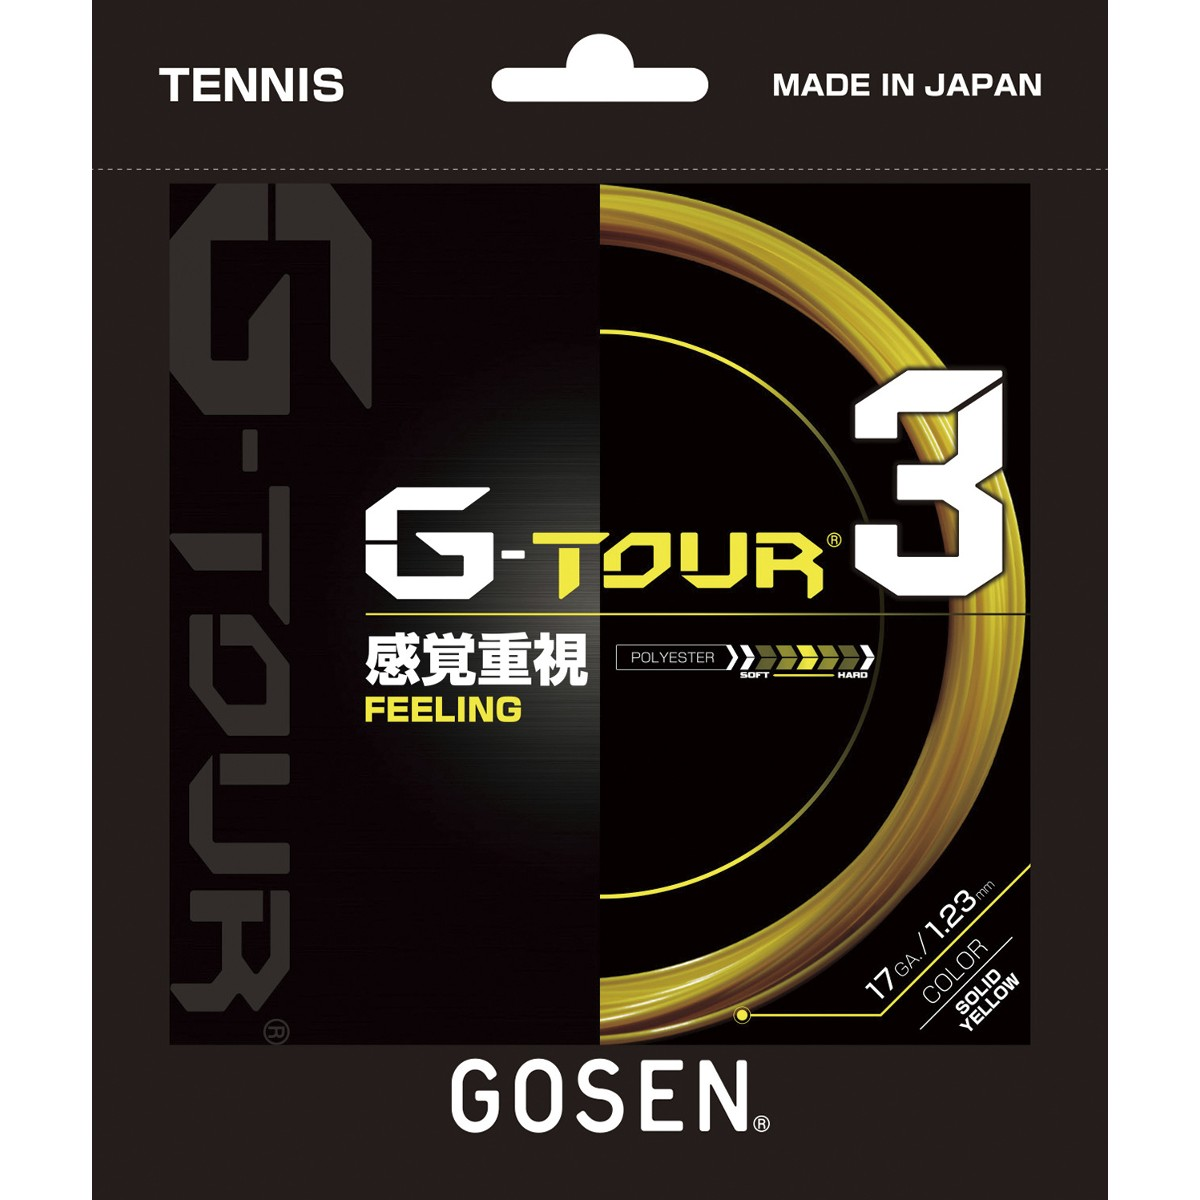 ポイントアップ 高品質 張上げ専用 ゴーセン 宅配便送料無料 G-TOUR 3 1.28mm GOSEN